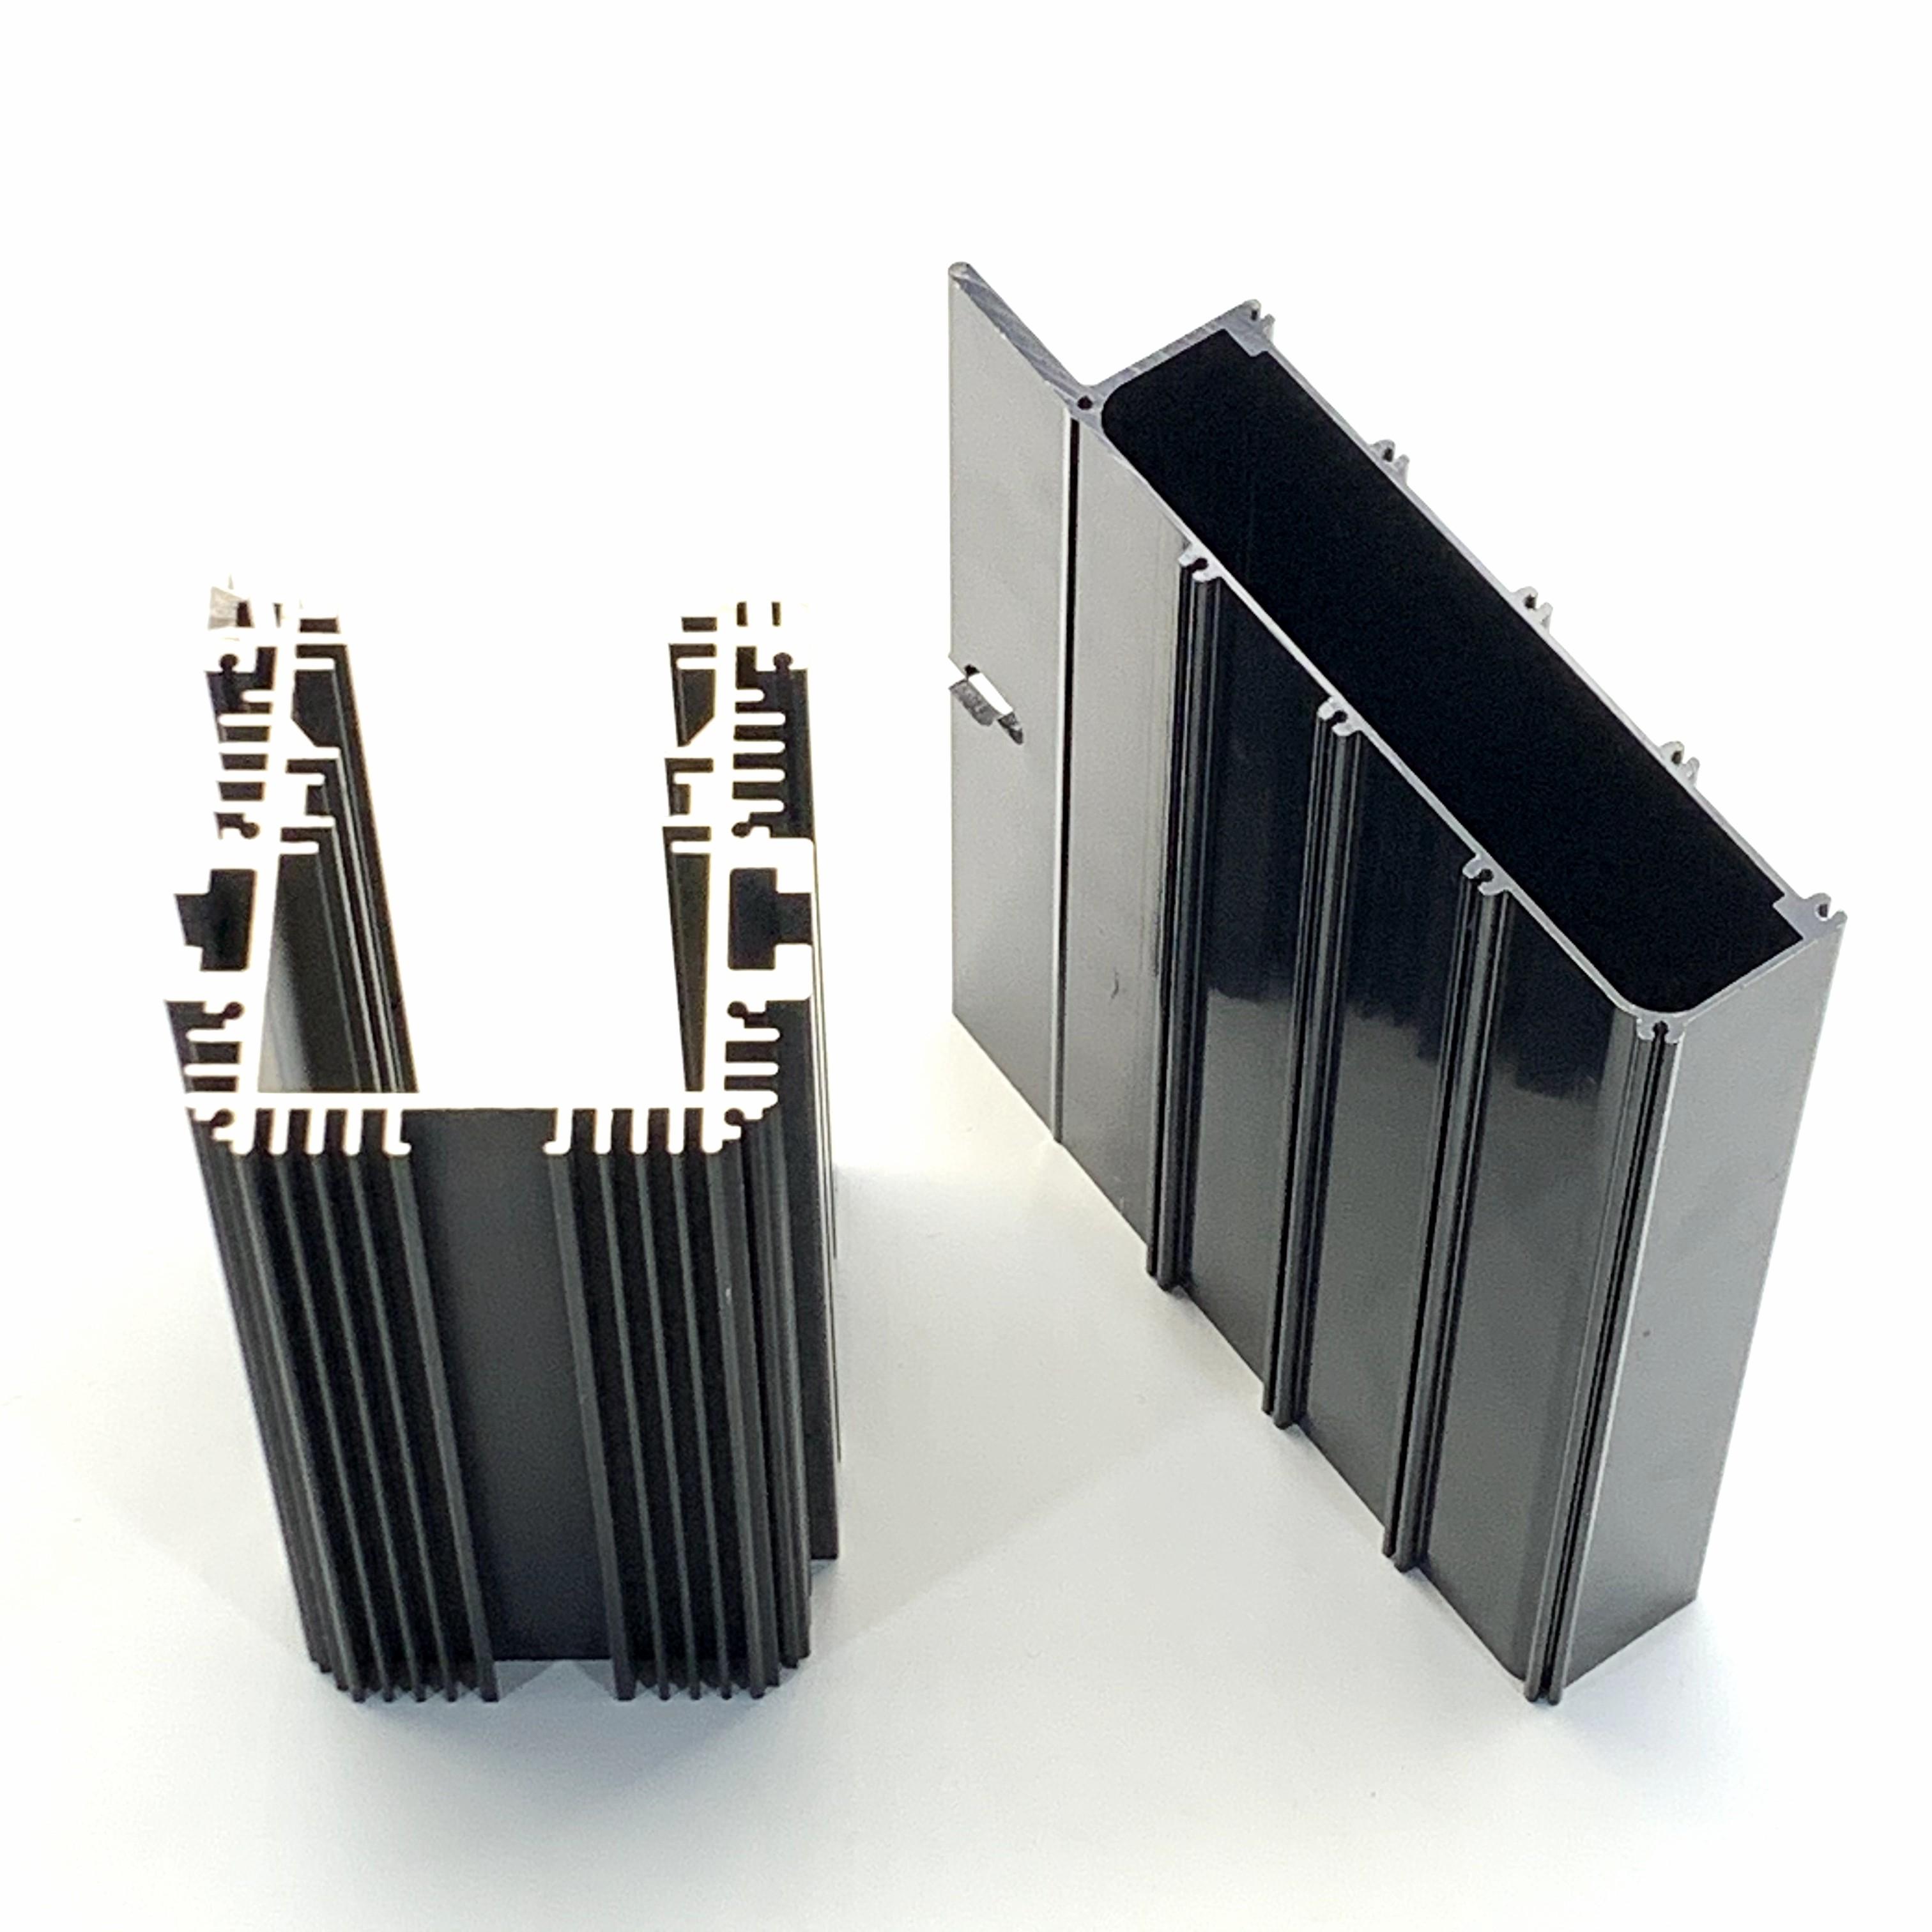 China u shape aluminum extrusion profile with customized length